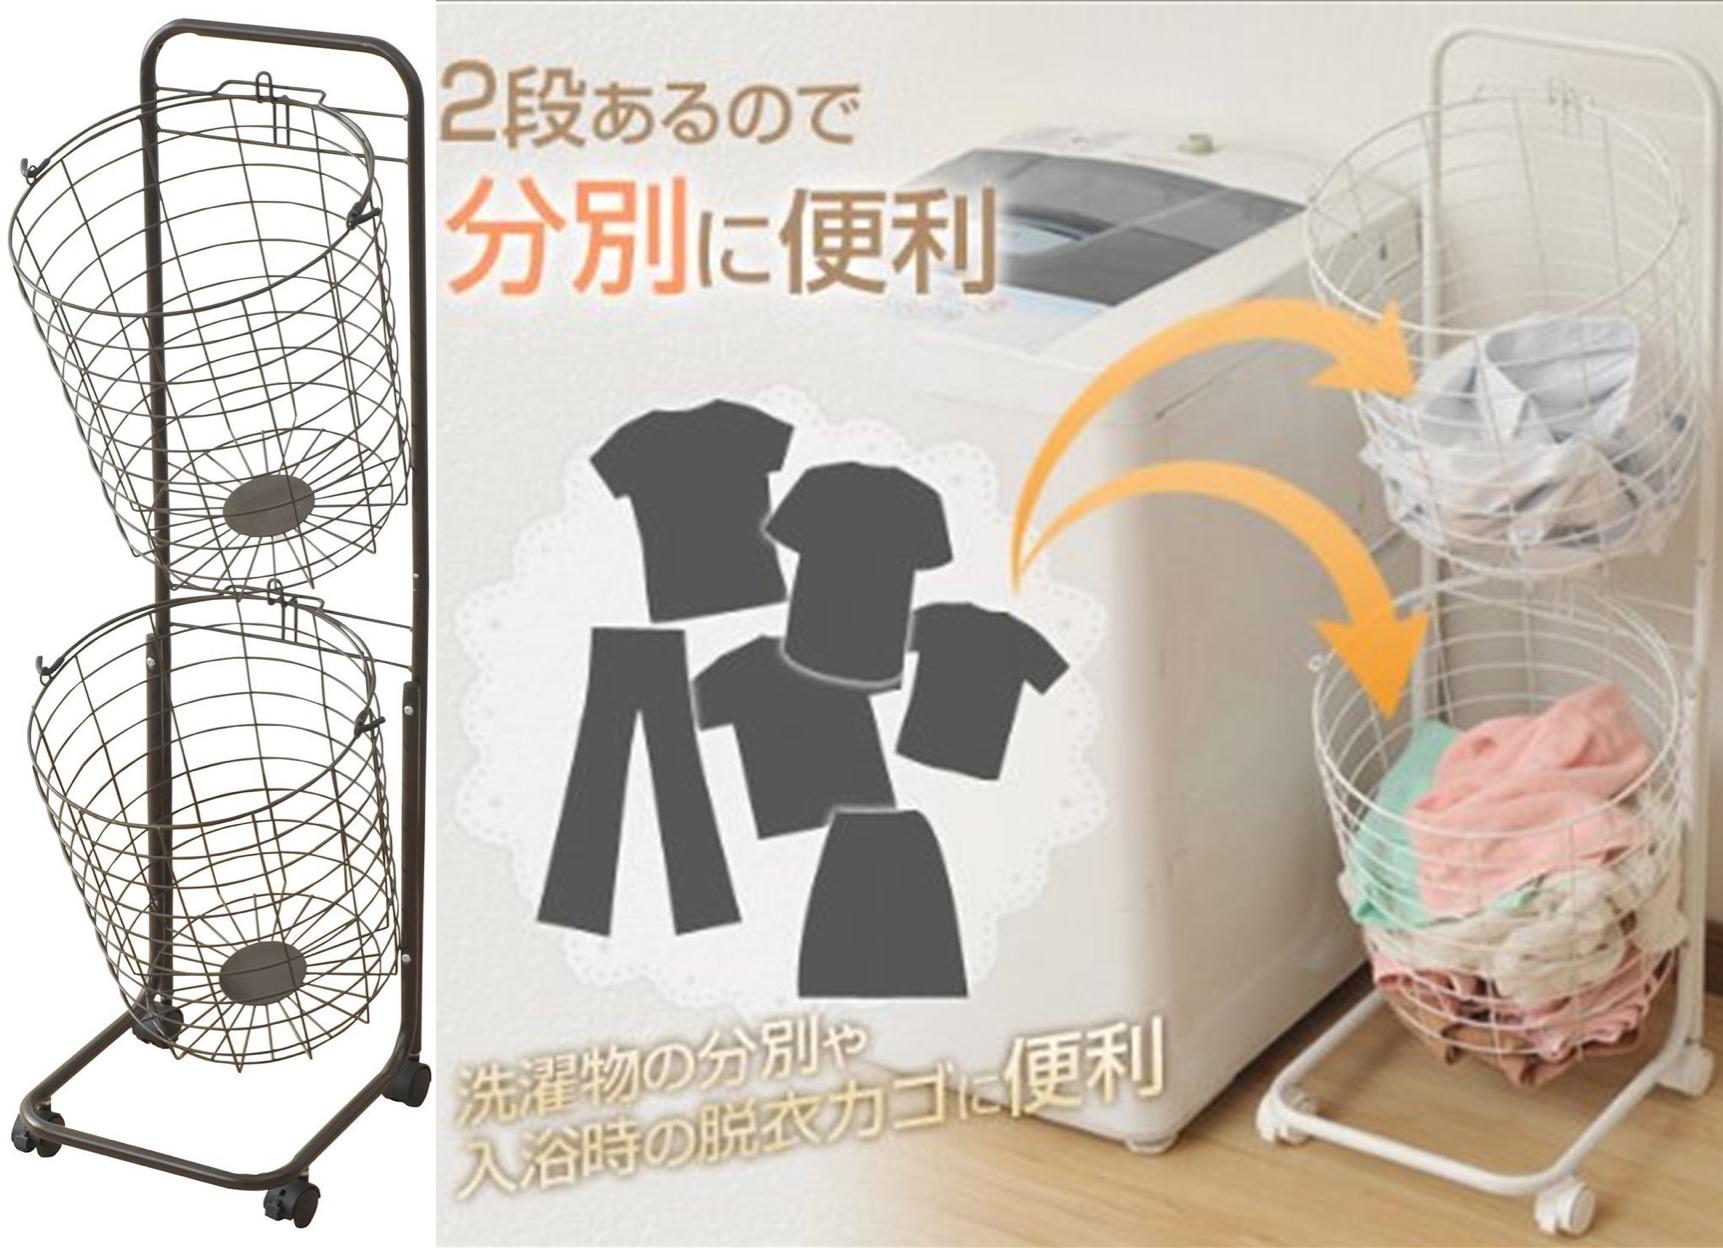 オシャレで便利なオシャレ洗濯カゴ